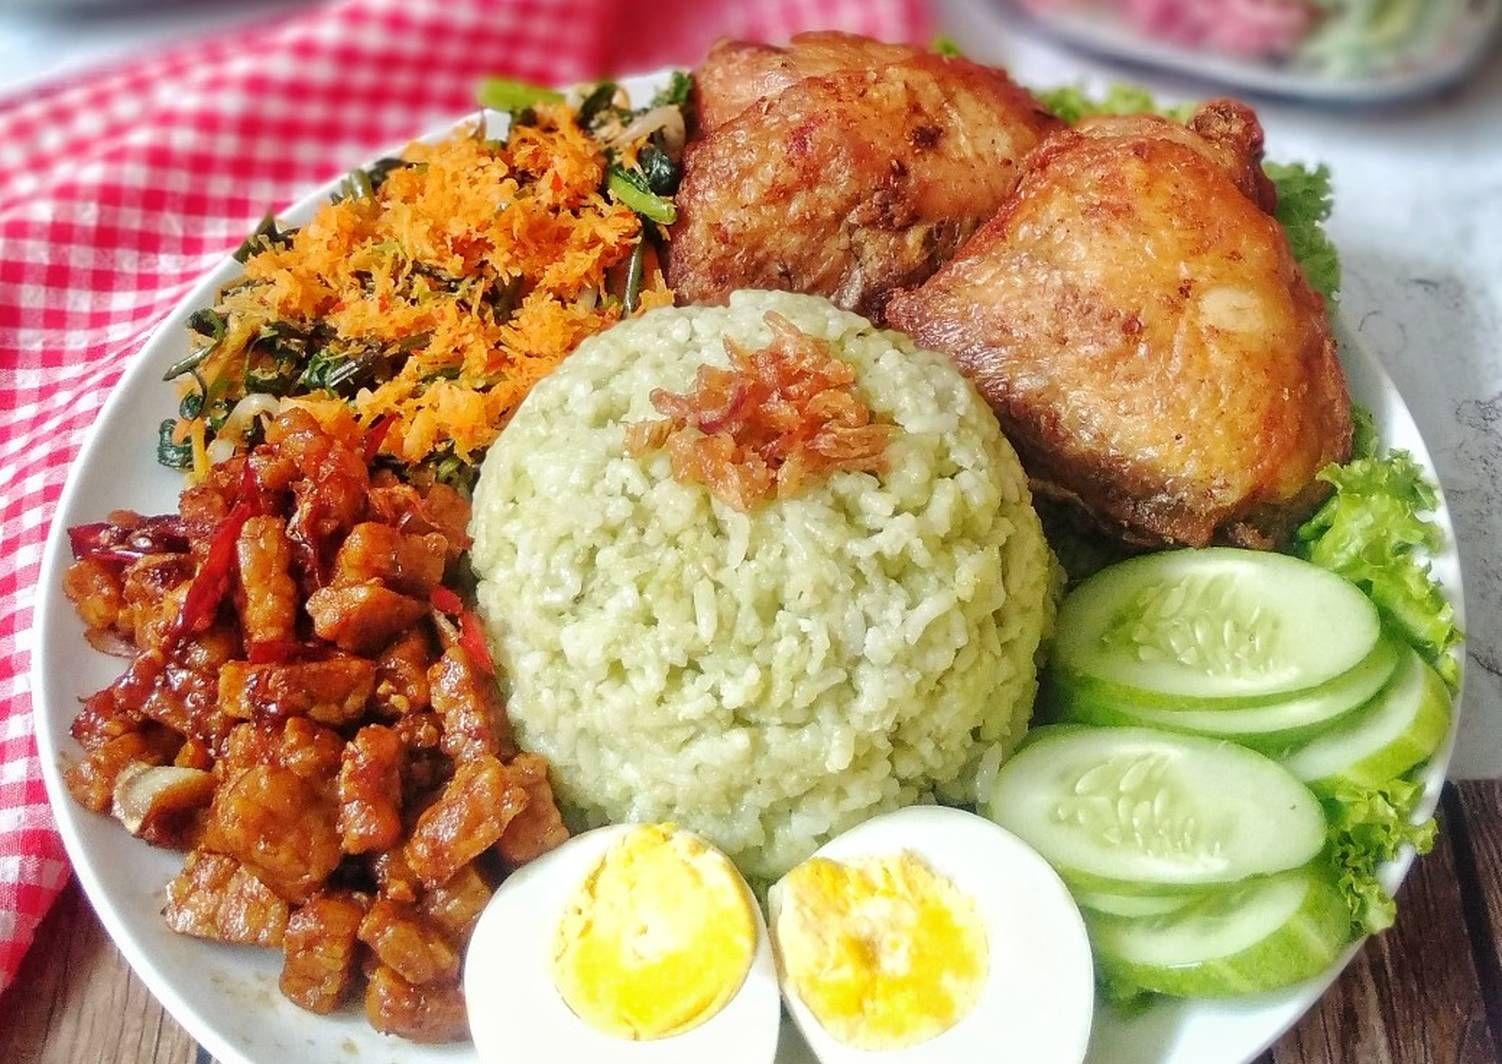 Resep Nasi Lemak Hijau Pandan Oleh Susan Mellyani Resep Makanan Nasi Lemak Diet